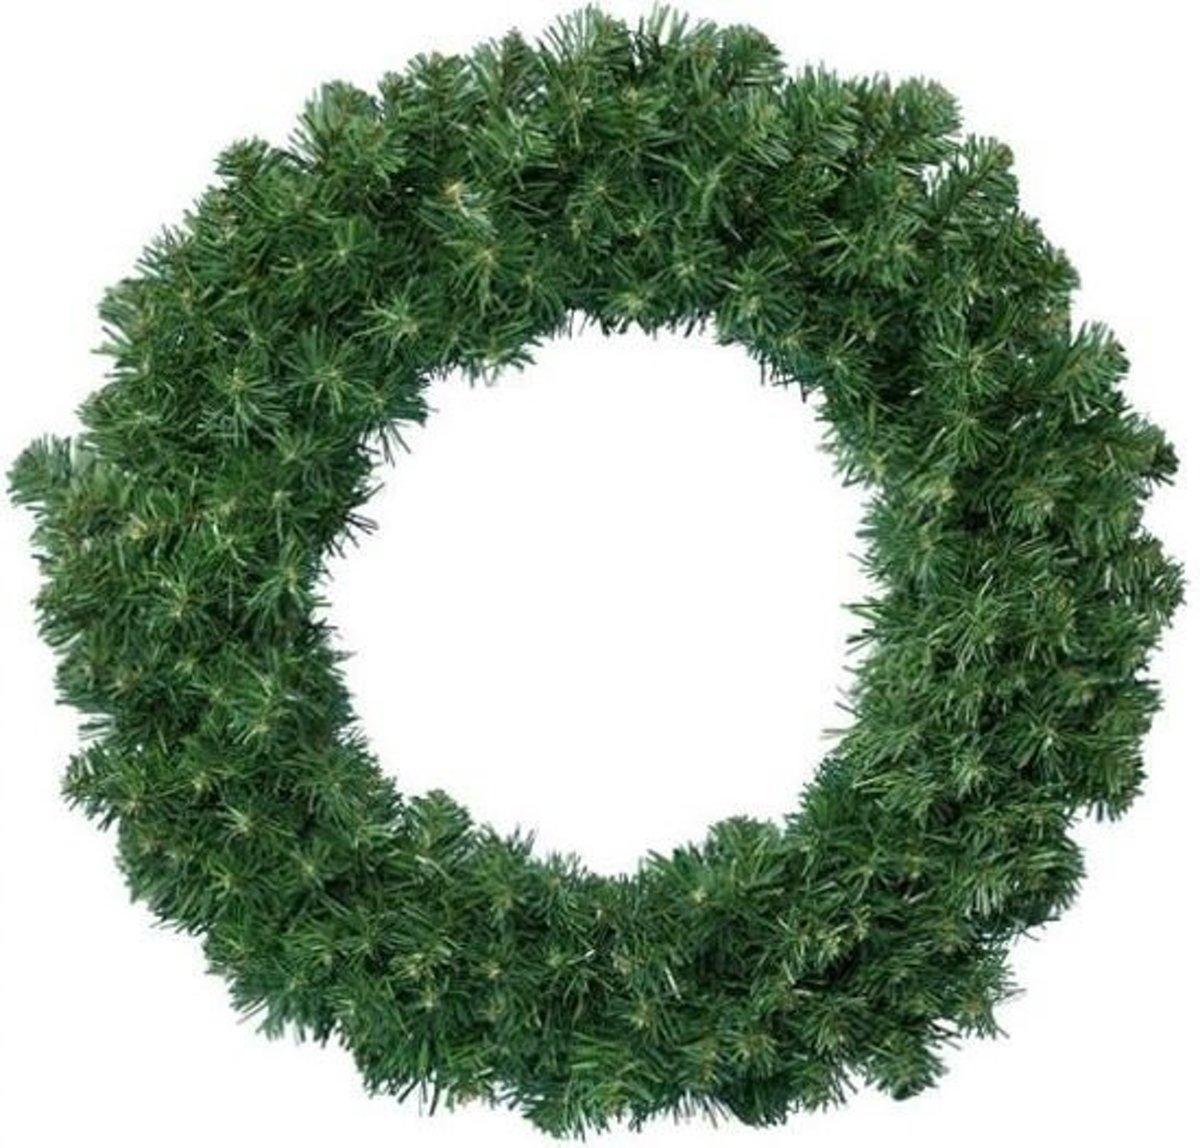 6x Dakota krans groen - Diameter 60 cm - Dikte 25 cm - Kerst krans - Royal Christmas kopen